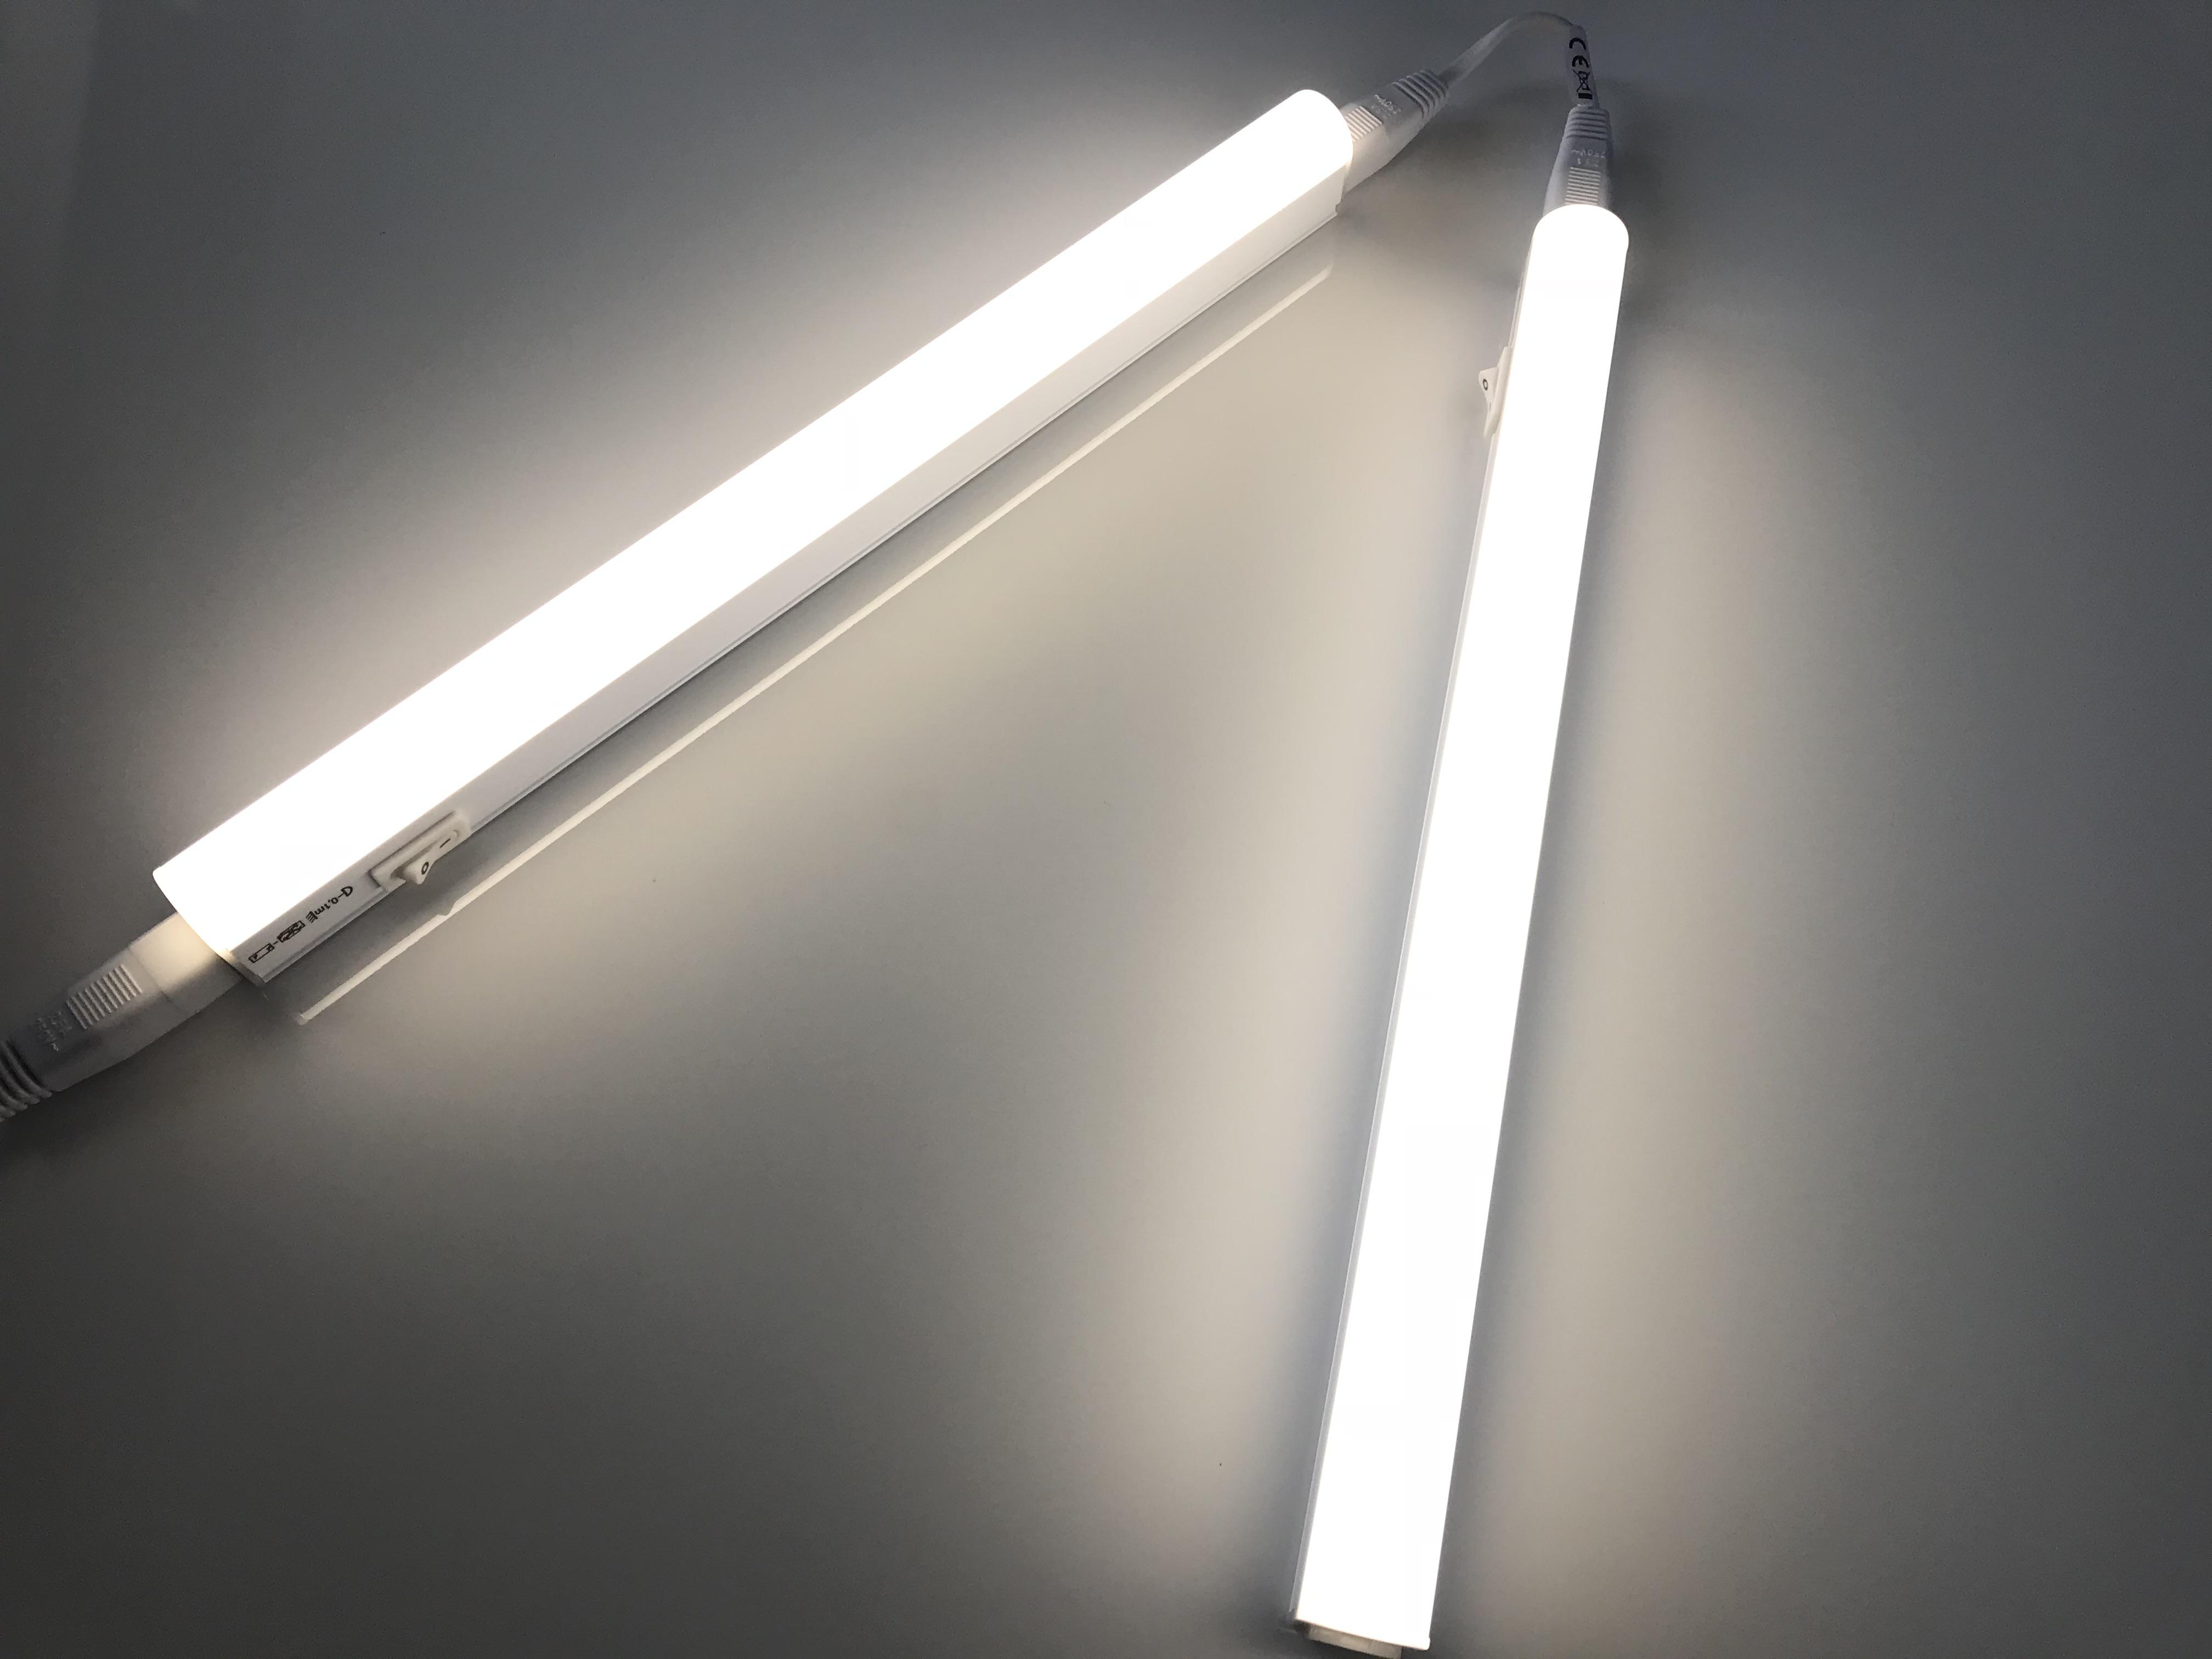 Összekapcsolhatok két lámpát egy kapcsolóval